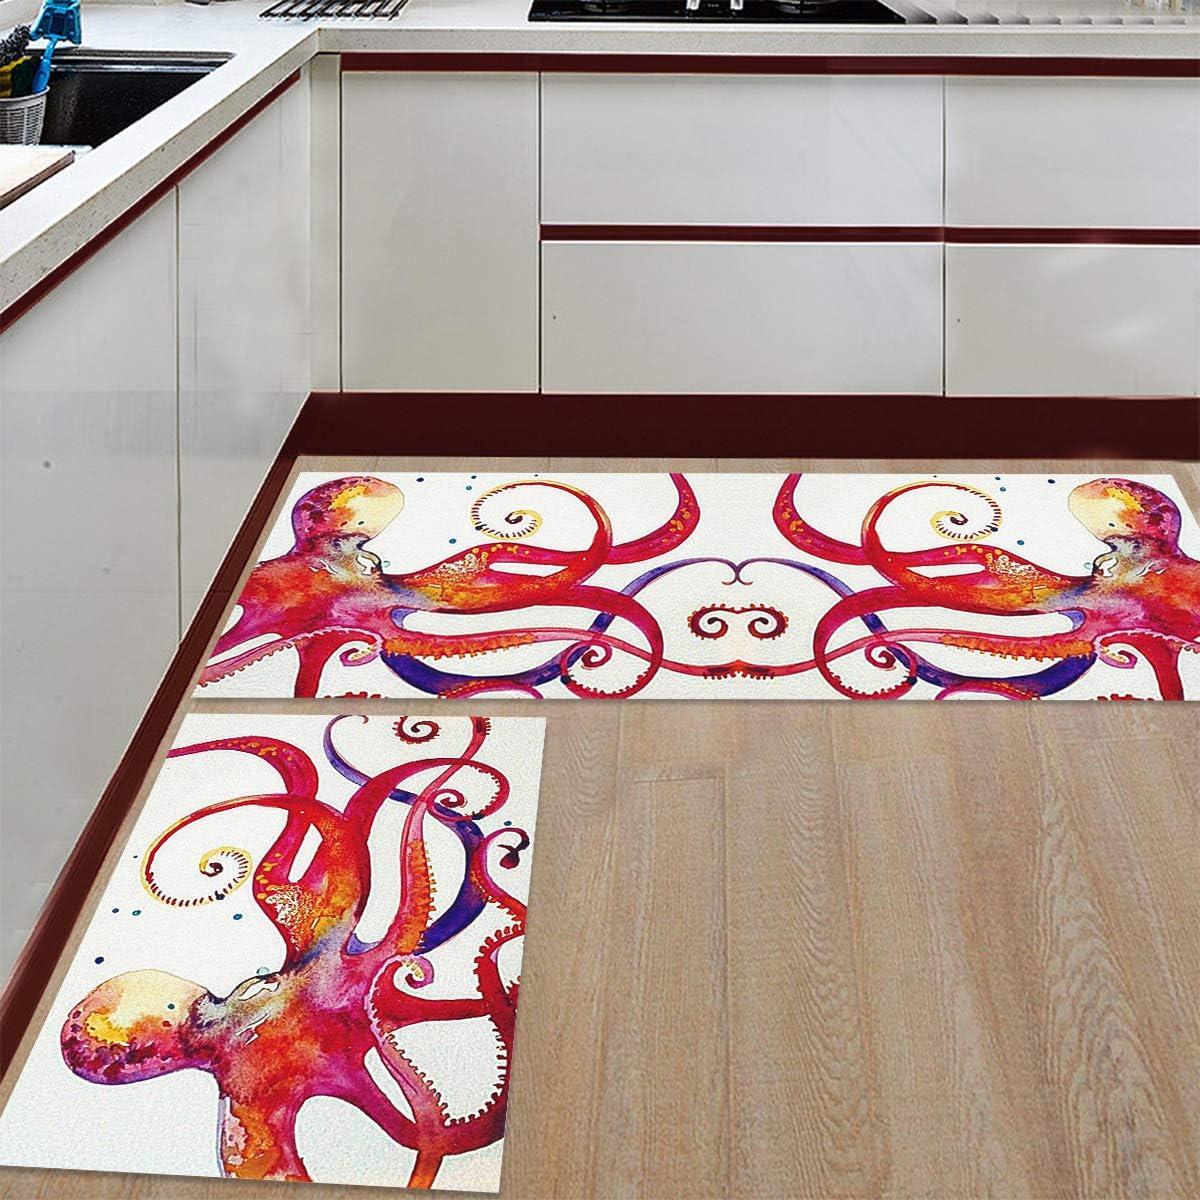 2 Pieces Import Anti-Slip Kitchen Colorful Sale SALE% OFF Mats Illustration Aquarelle